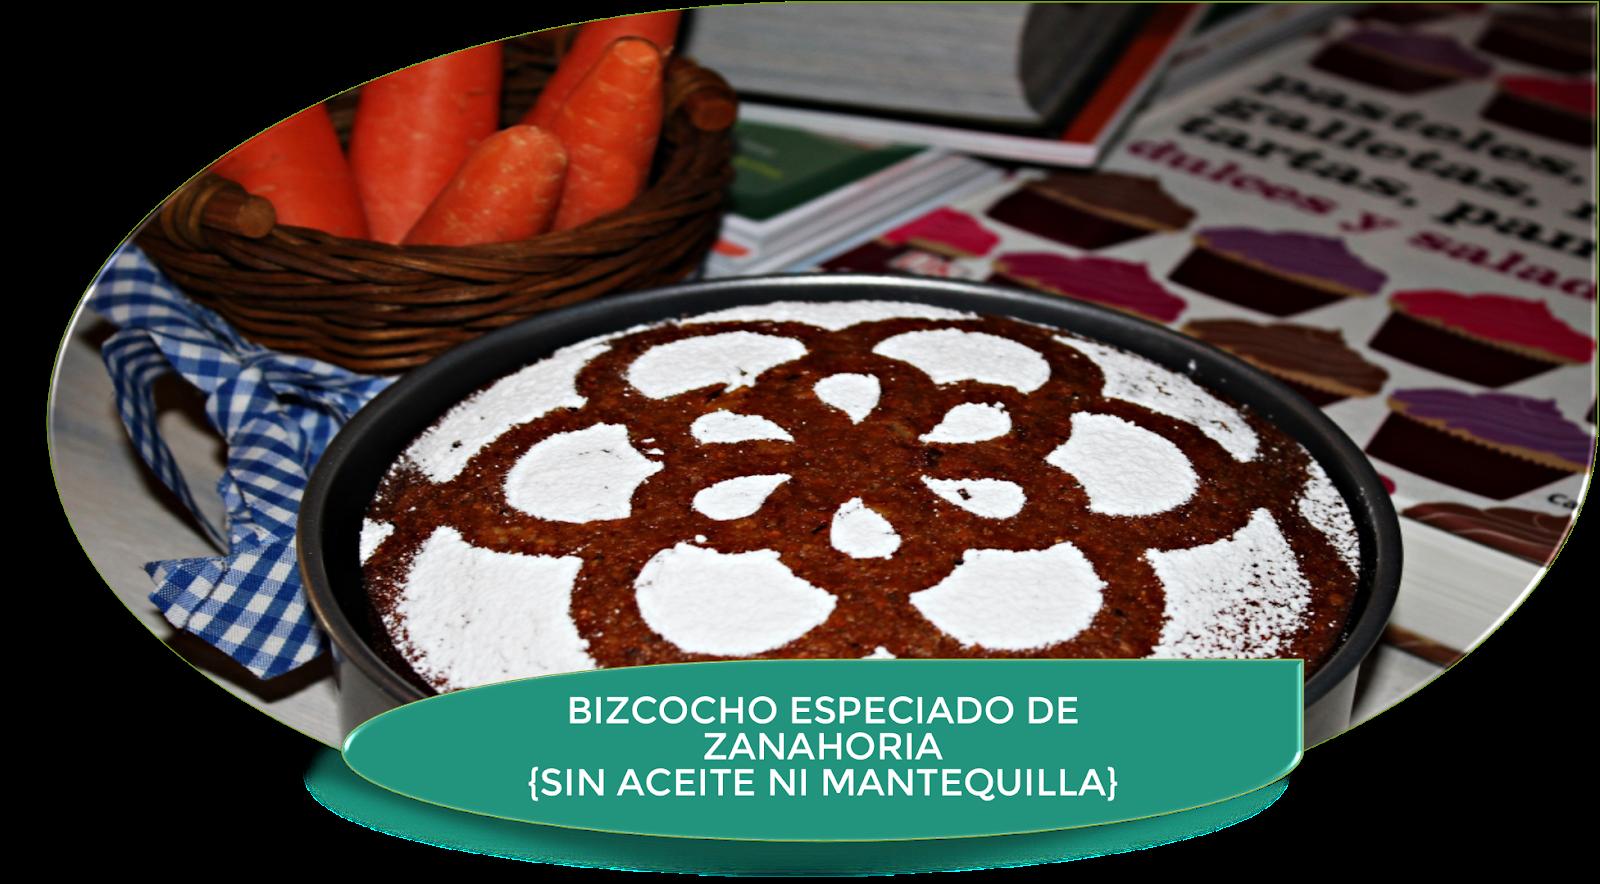 BIZCOCHO DE ZANAHORIA ESPECIADO SIN MANTEQUILLA NI ACEITE ¡DELICIOSO!